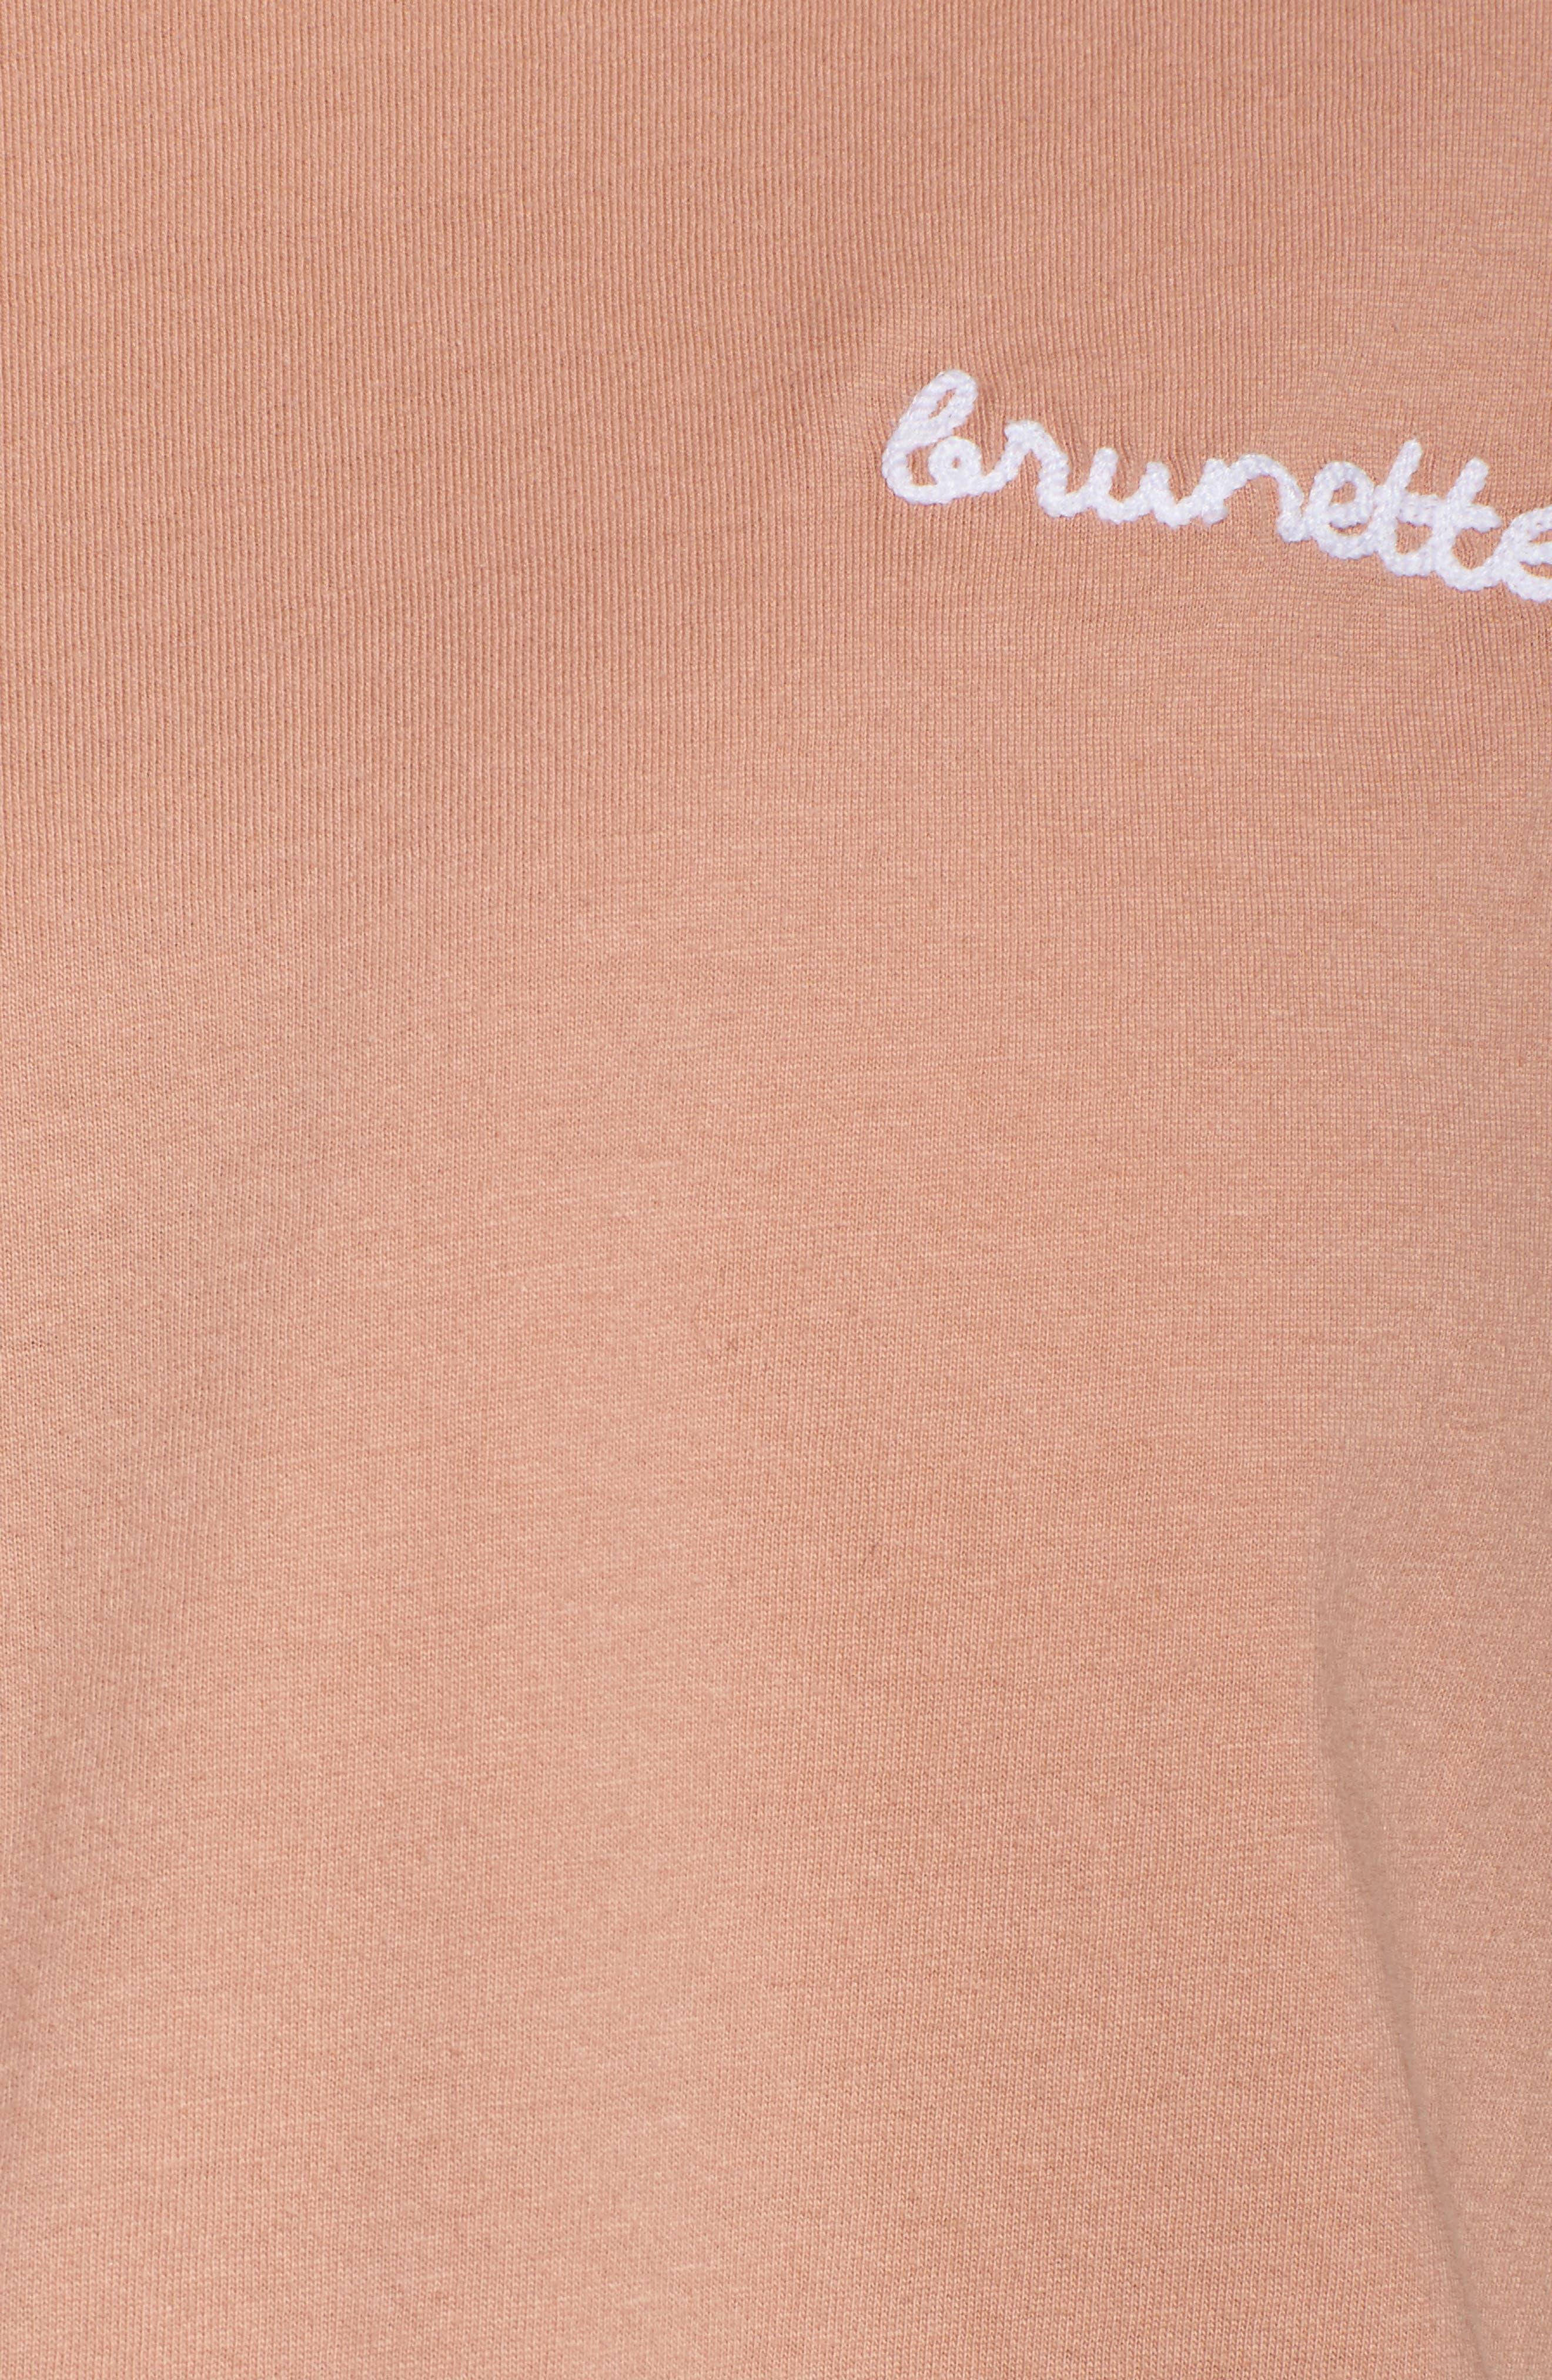 Alternate Image 5  - BRUNETTE the Label Brunette Tee